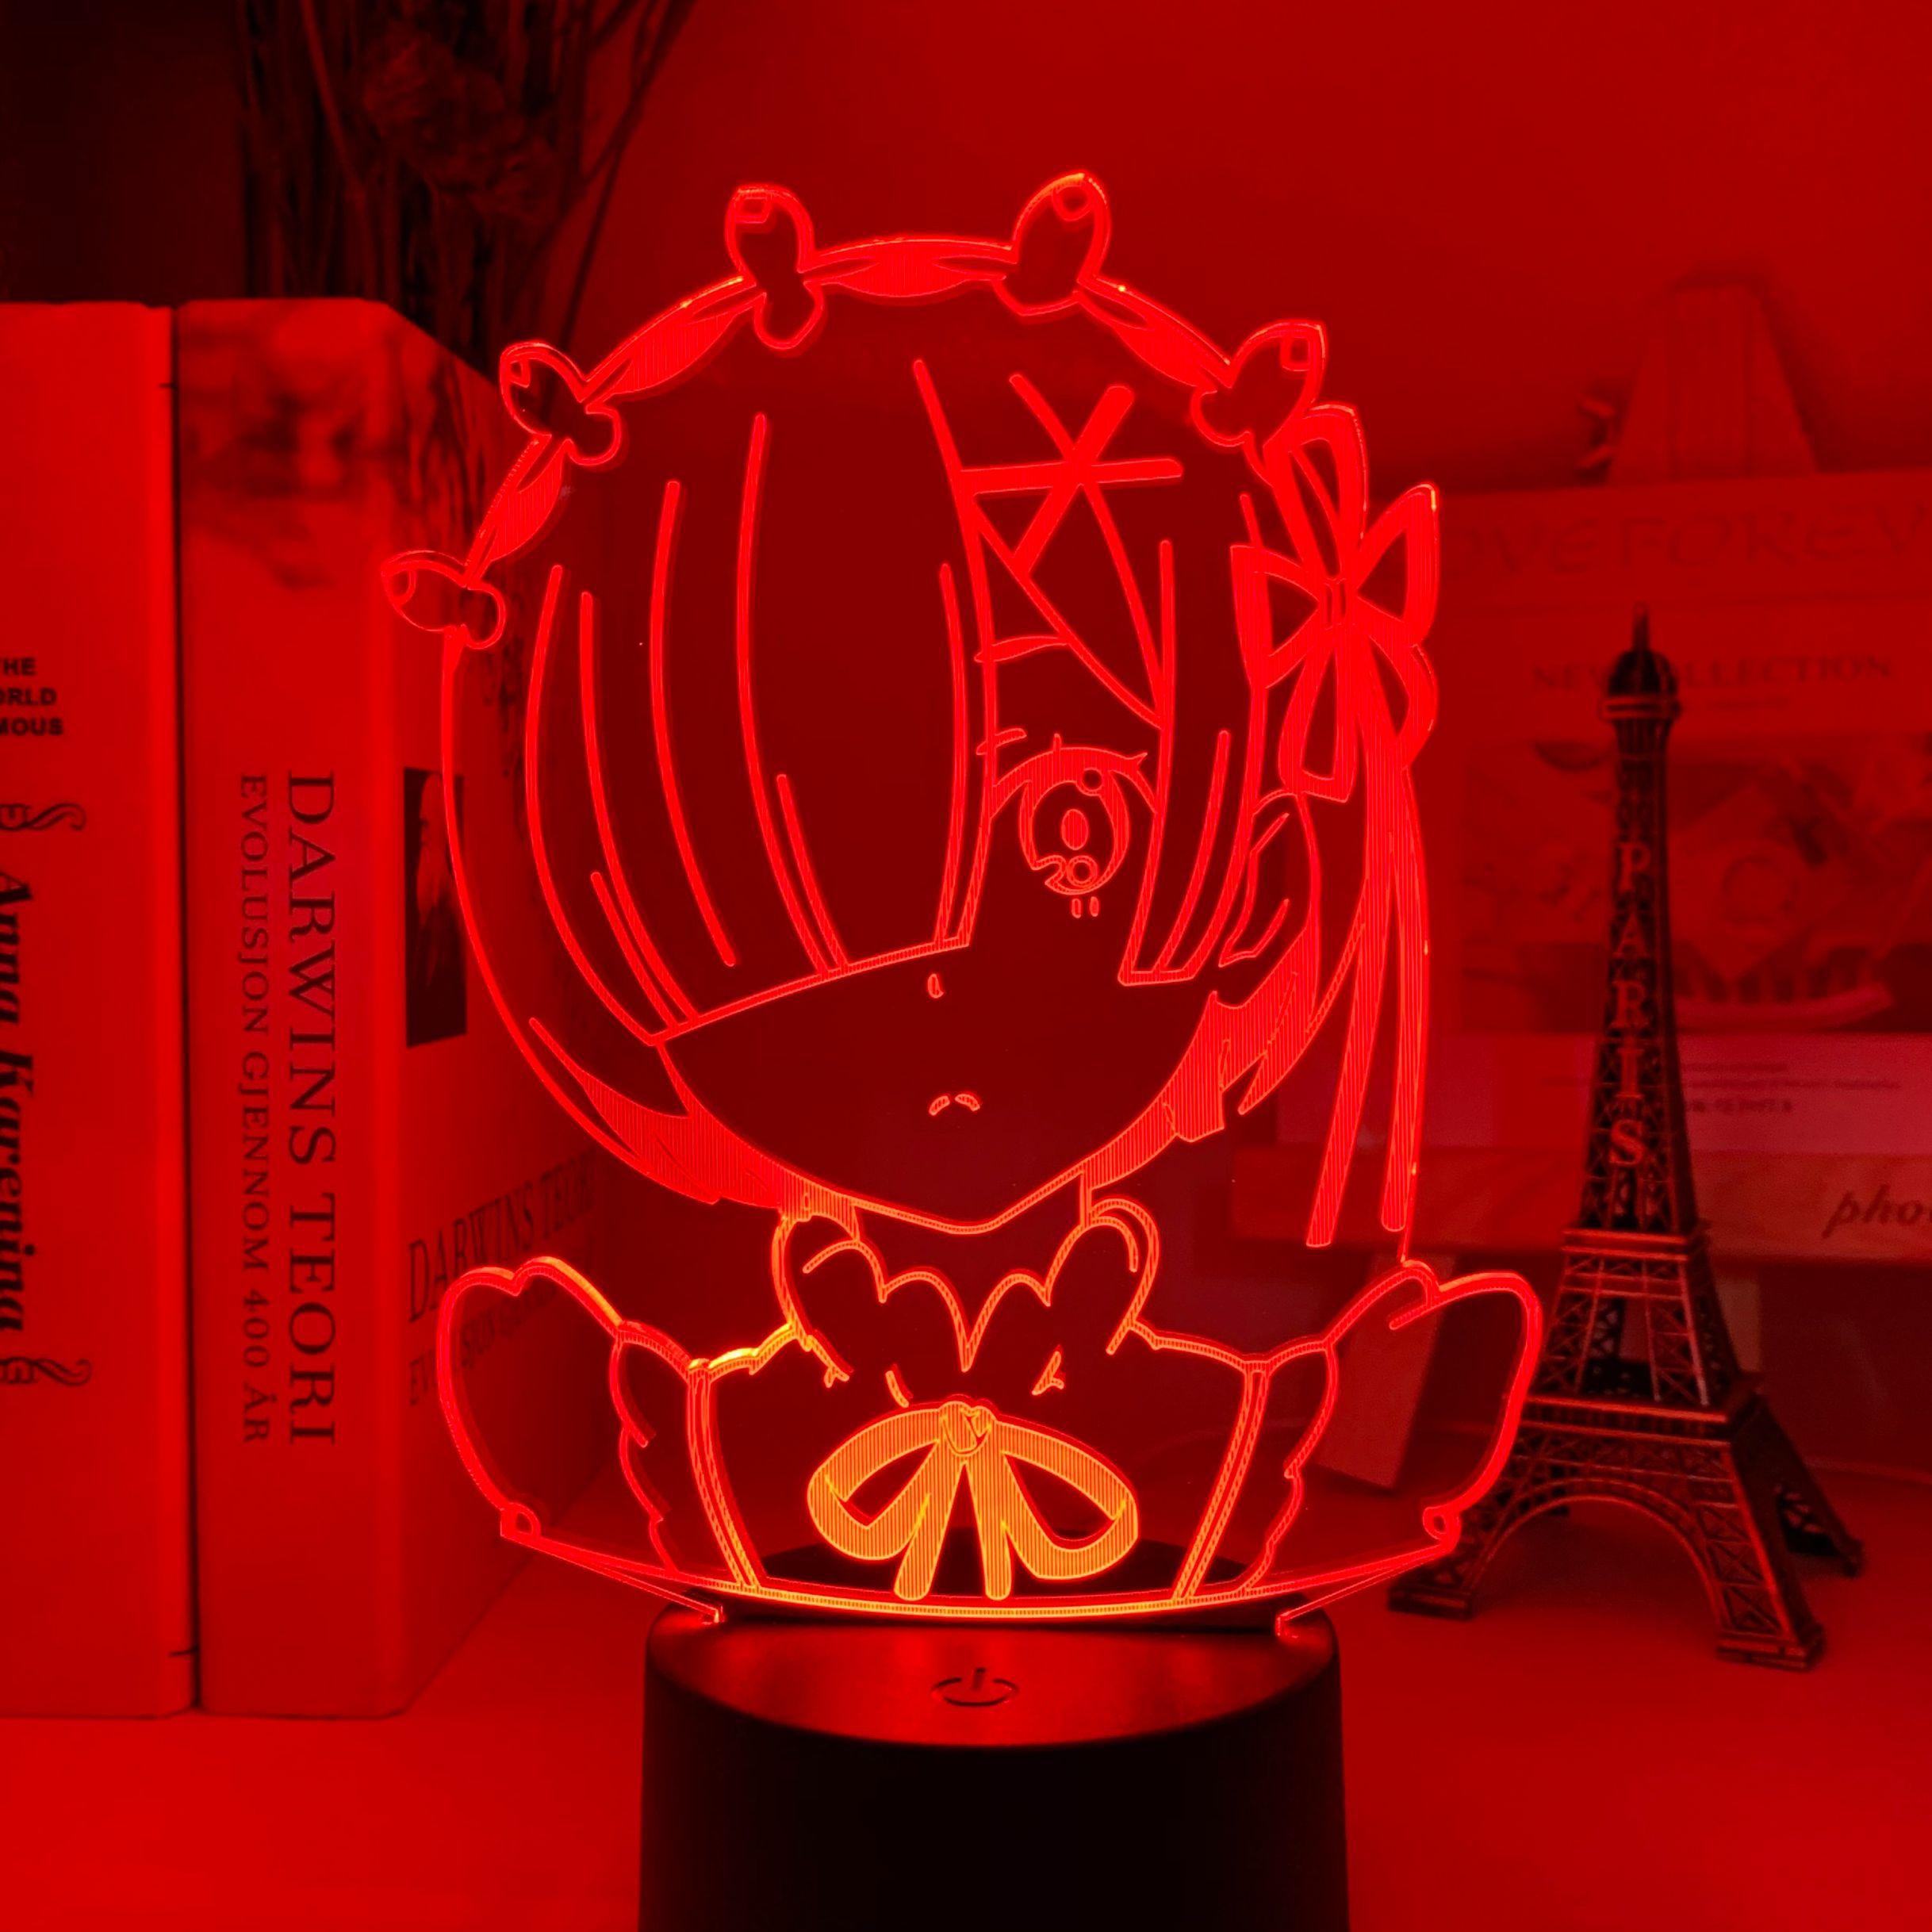 H13cb5f61b3784a06b6ac56f7986640c3V Luminária Anime rem re zero starting life in another world figura luz da noite led sensor de toque mudança cor do bebê nightlight para decoração do quarto lâmpada mesa 3d manga presente